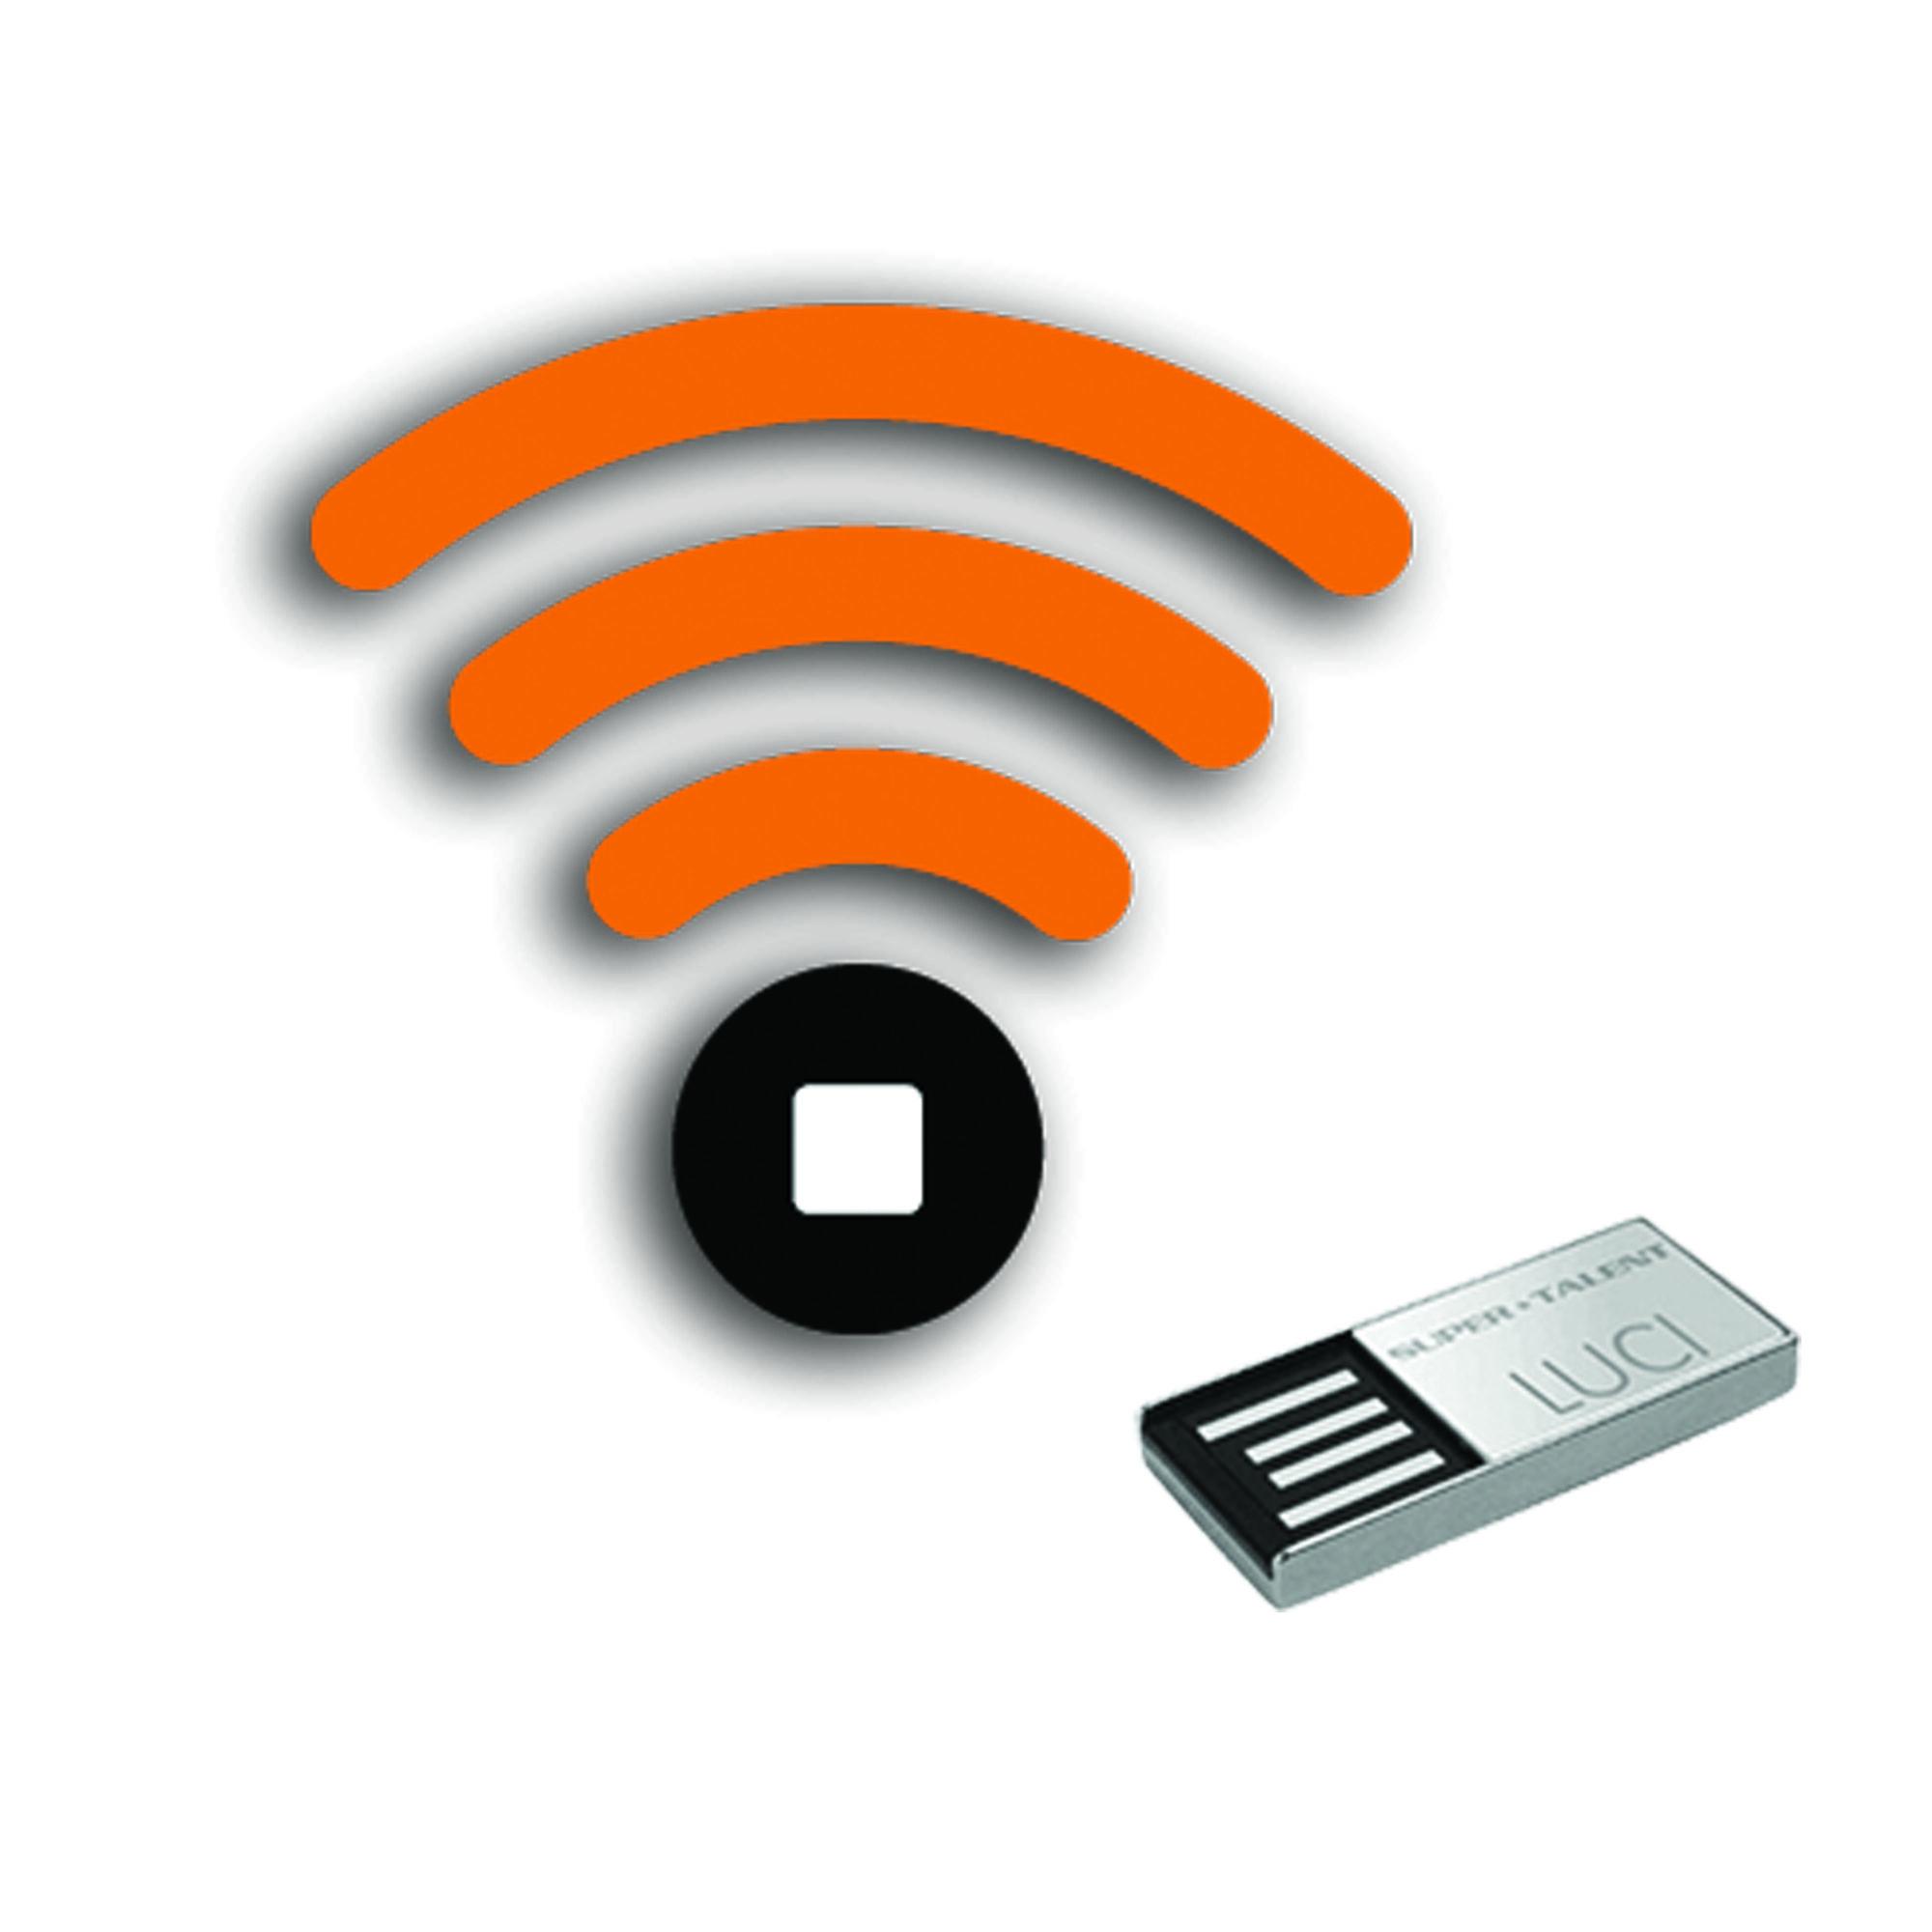 LUCI LIVE sur USB (Windows et Mac)